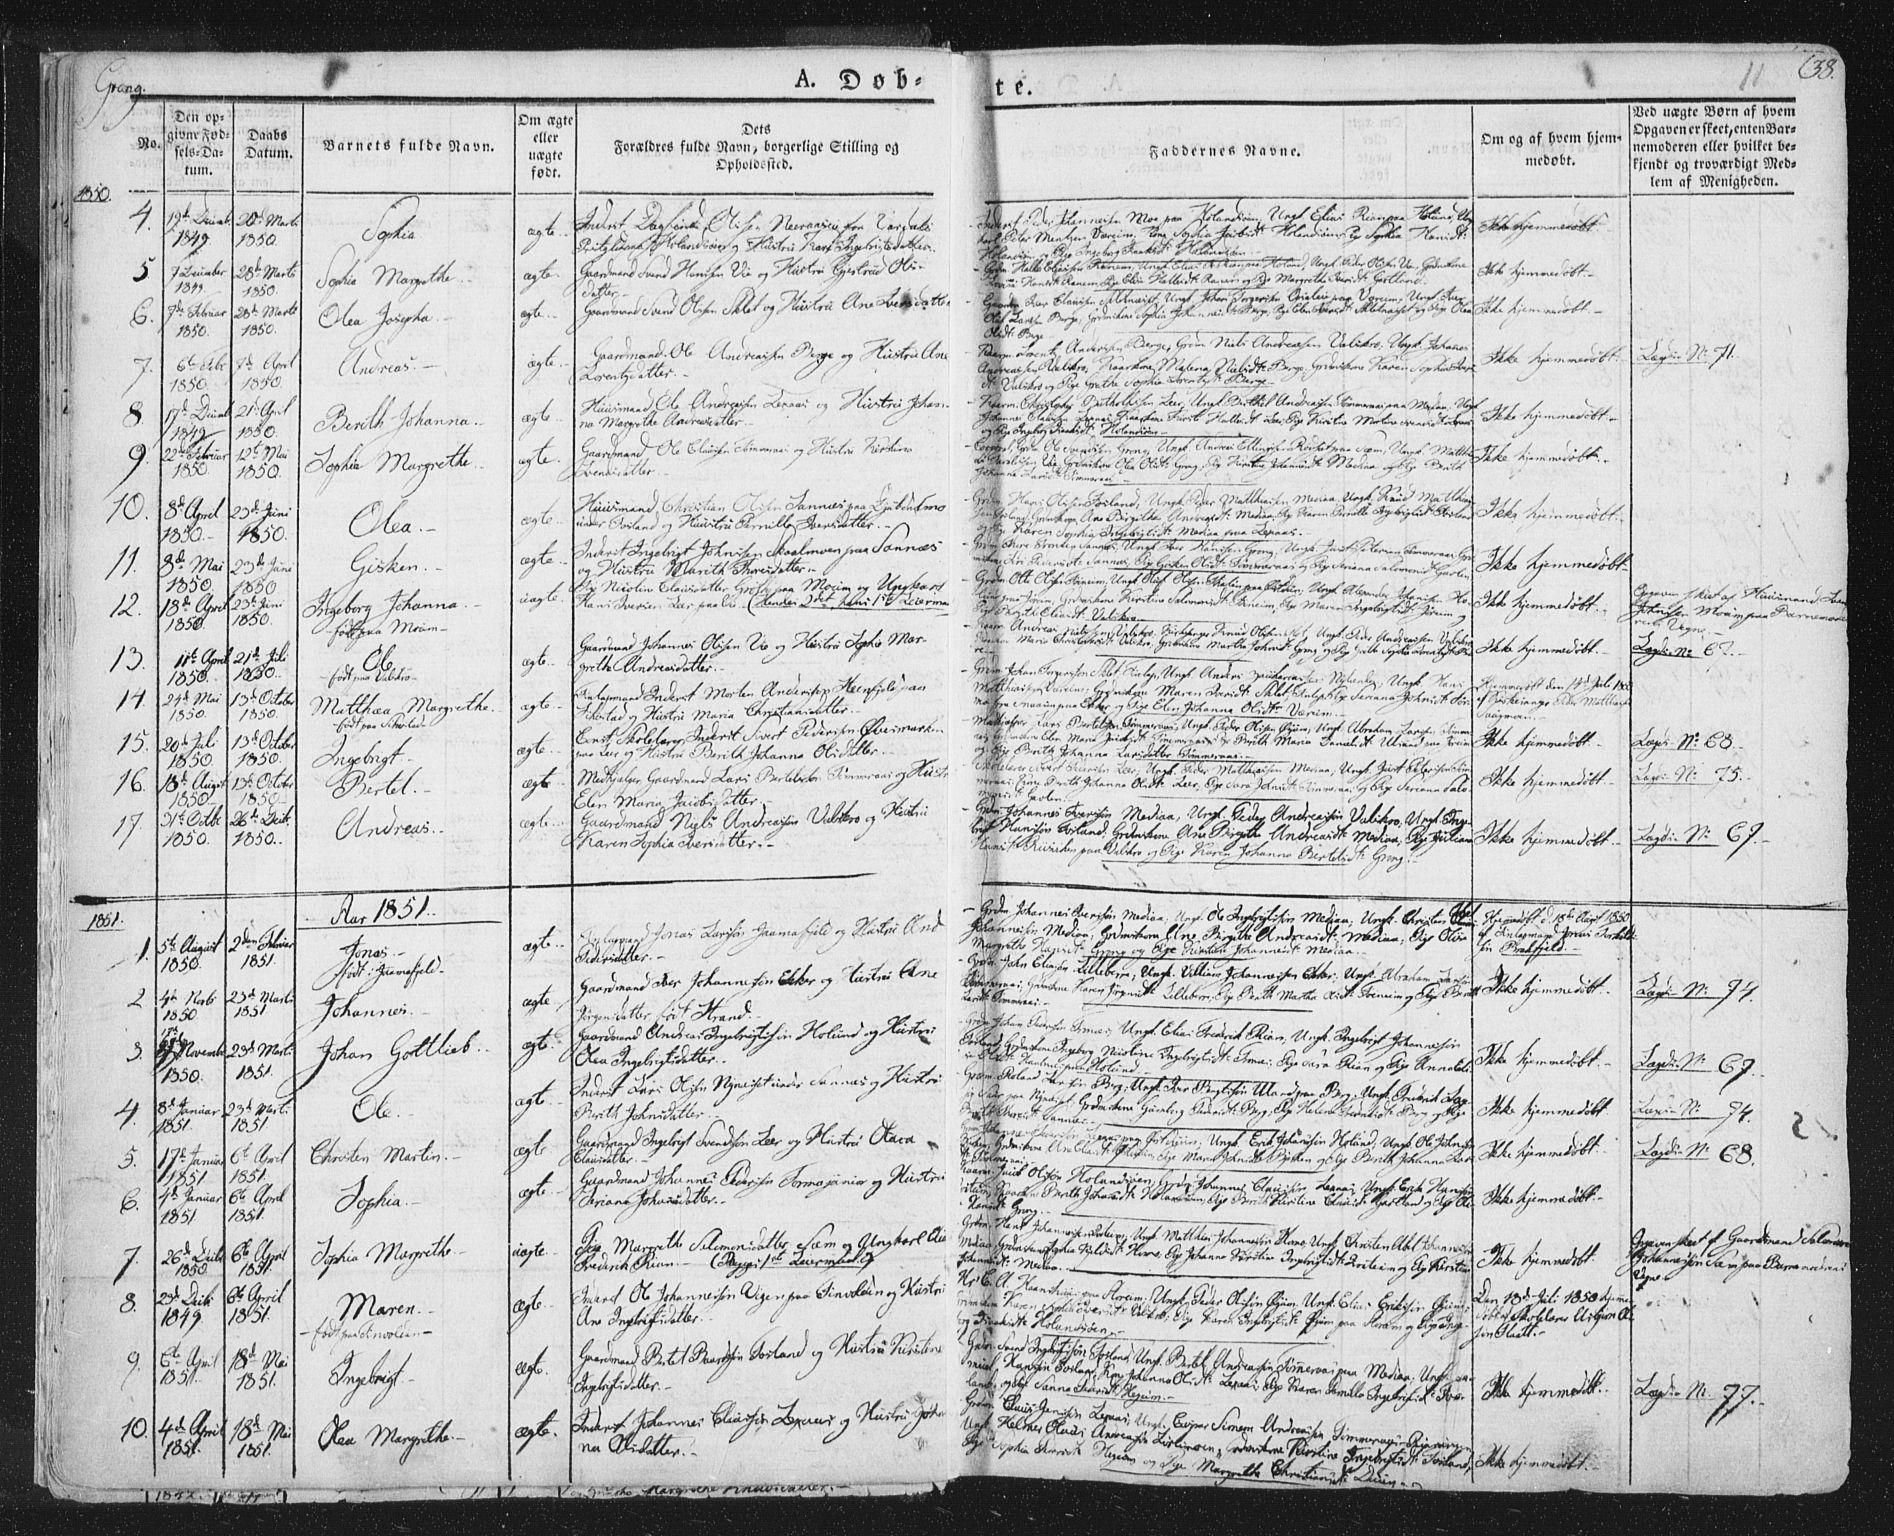 SAT, Ministerialprotokoller, klokkerbøker og fødselsregistre - Nord-Trøndelag, 758/L0513: Ministerialbok nr. 758A02 /1, 1839-1868, s. 11